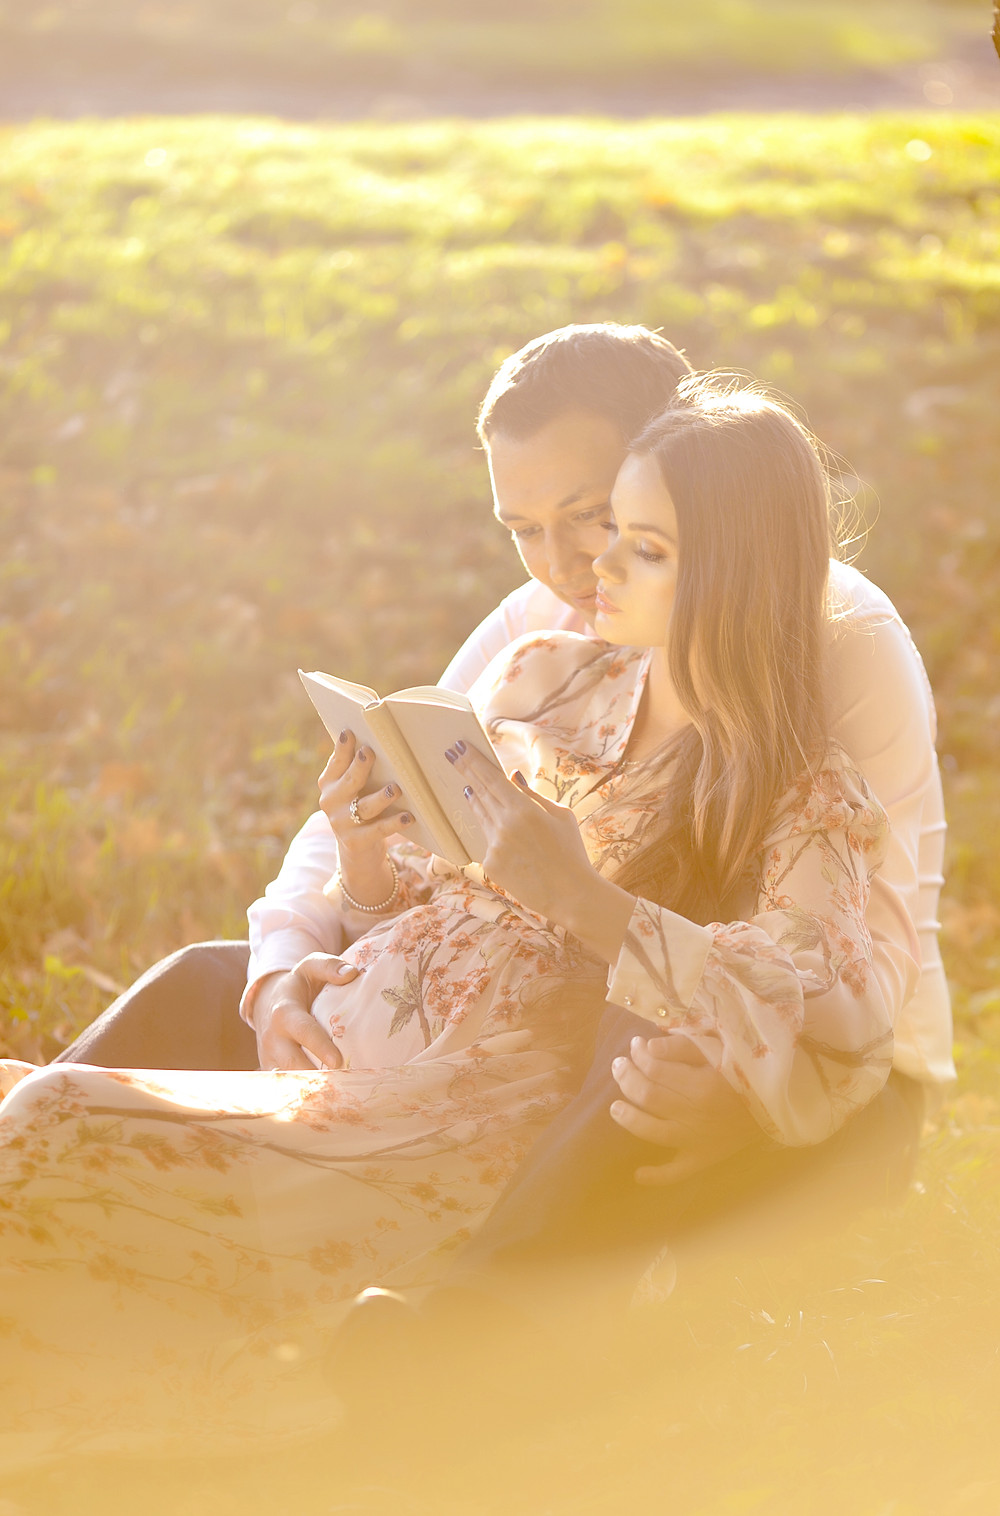 фотосессии беременных фото с мужем